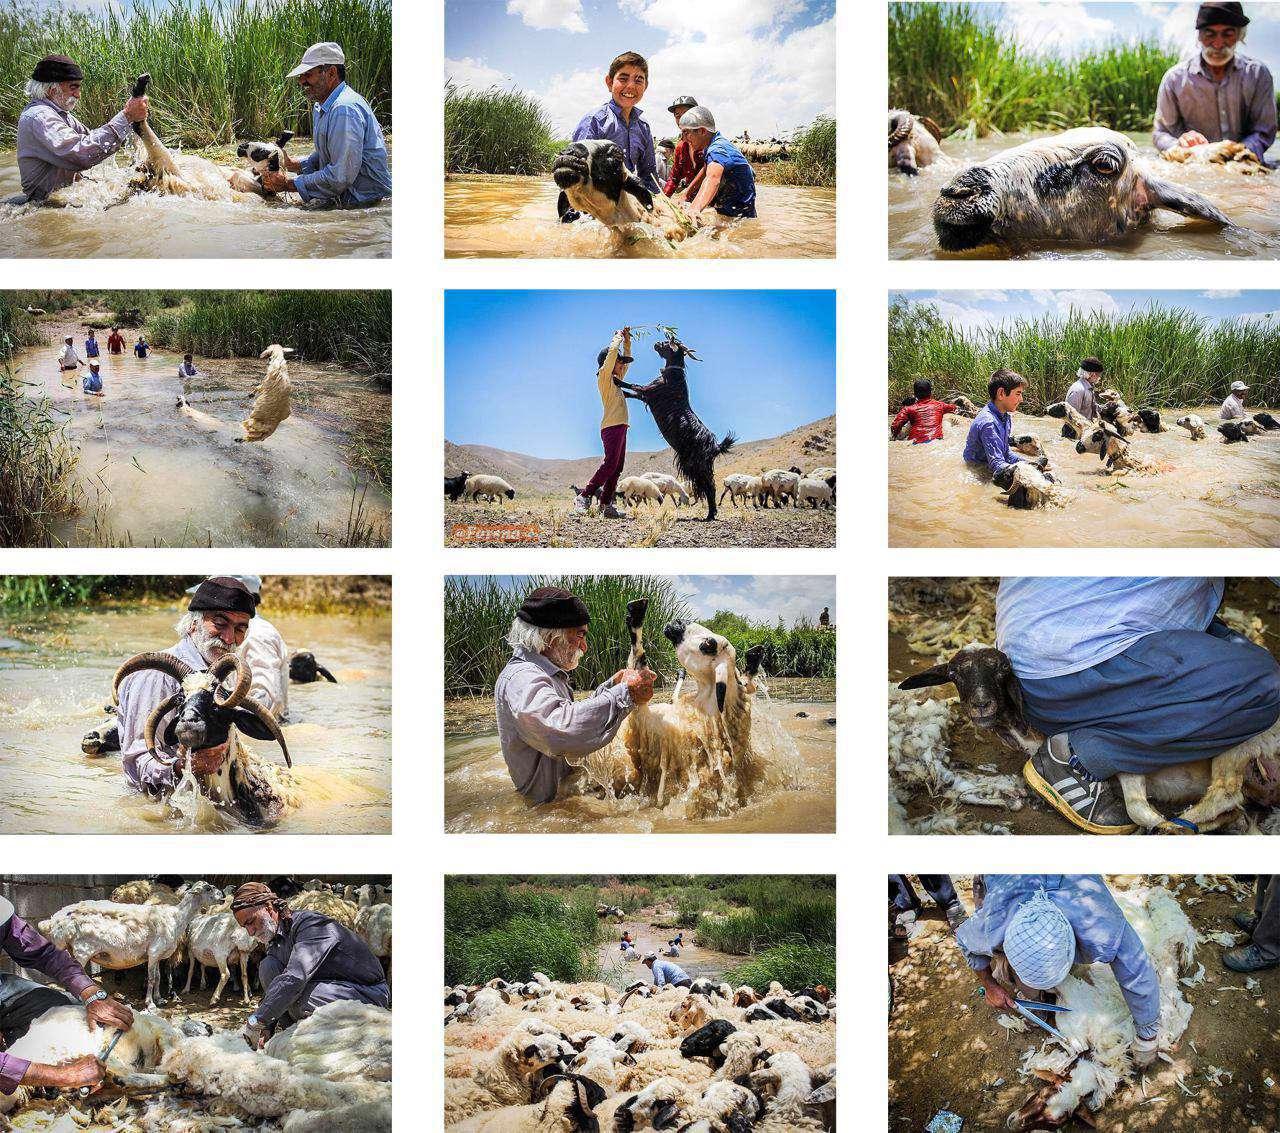 پشم چینی گوسفندان در نیم ور اراک